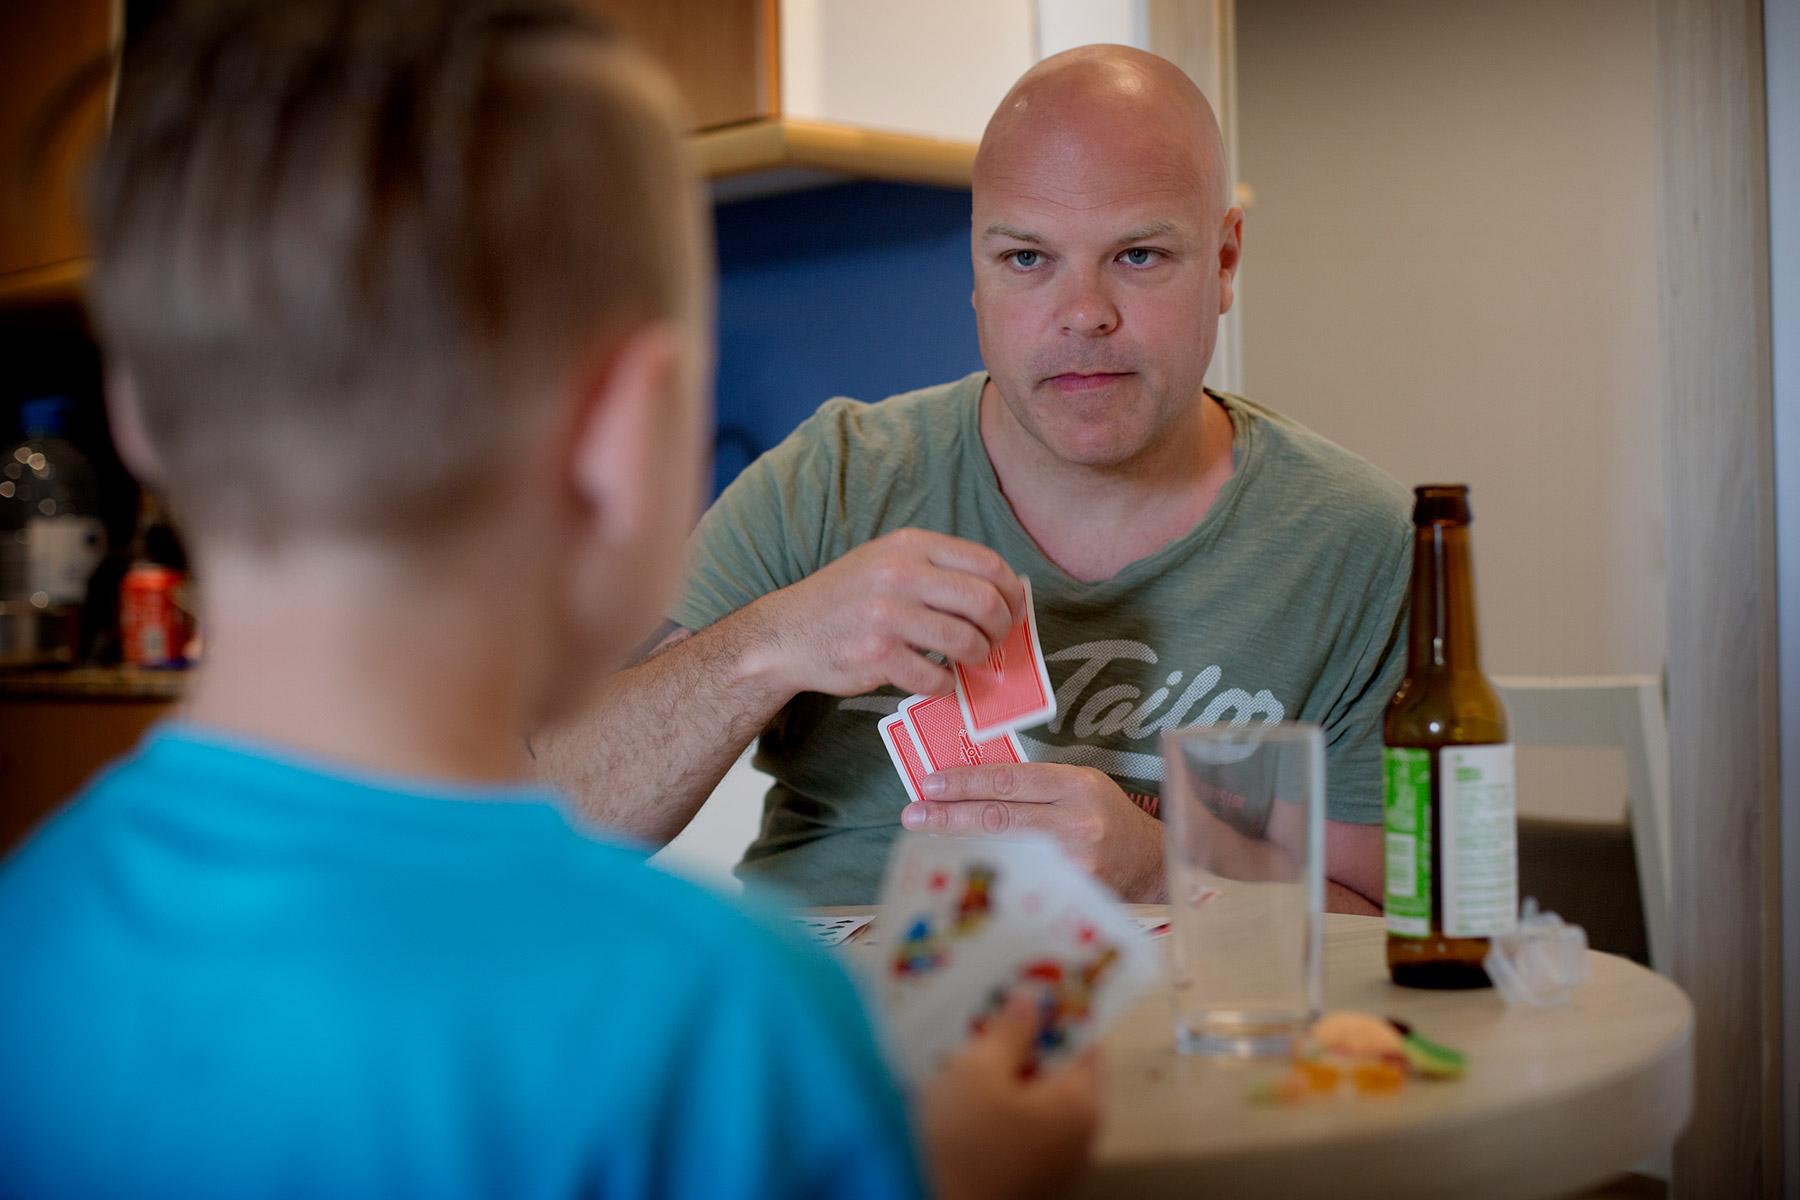 blogg-180503hotellrumskvall4.jpg